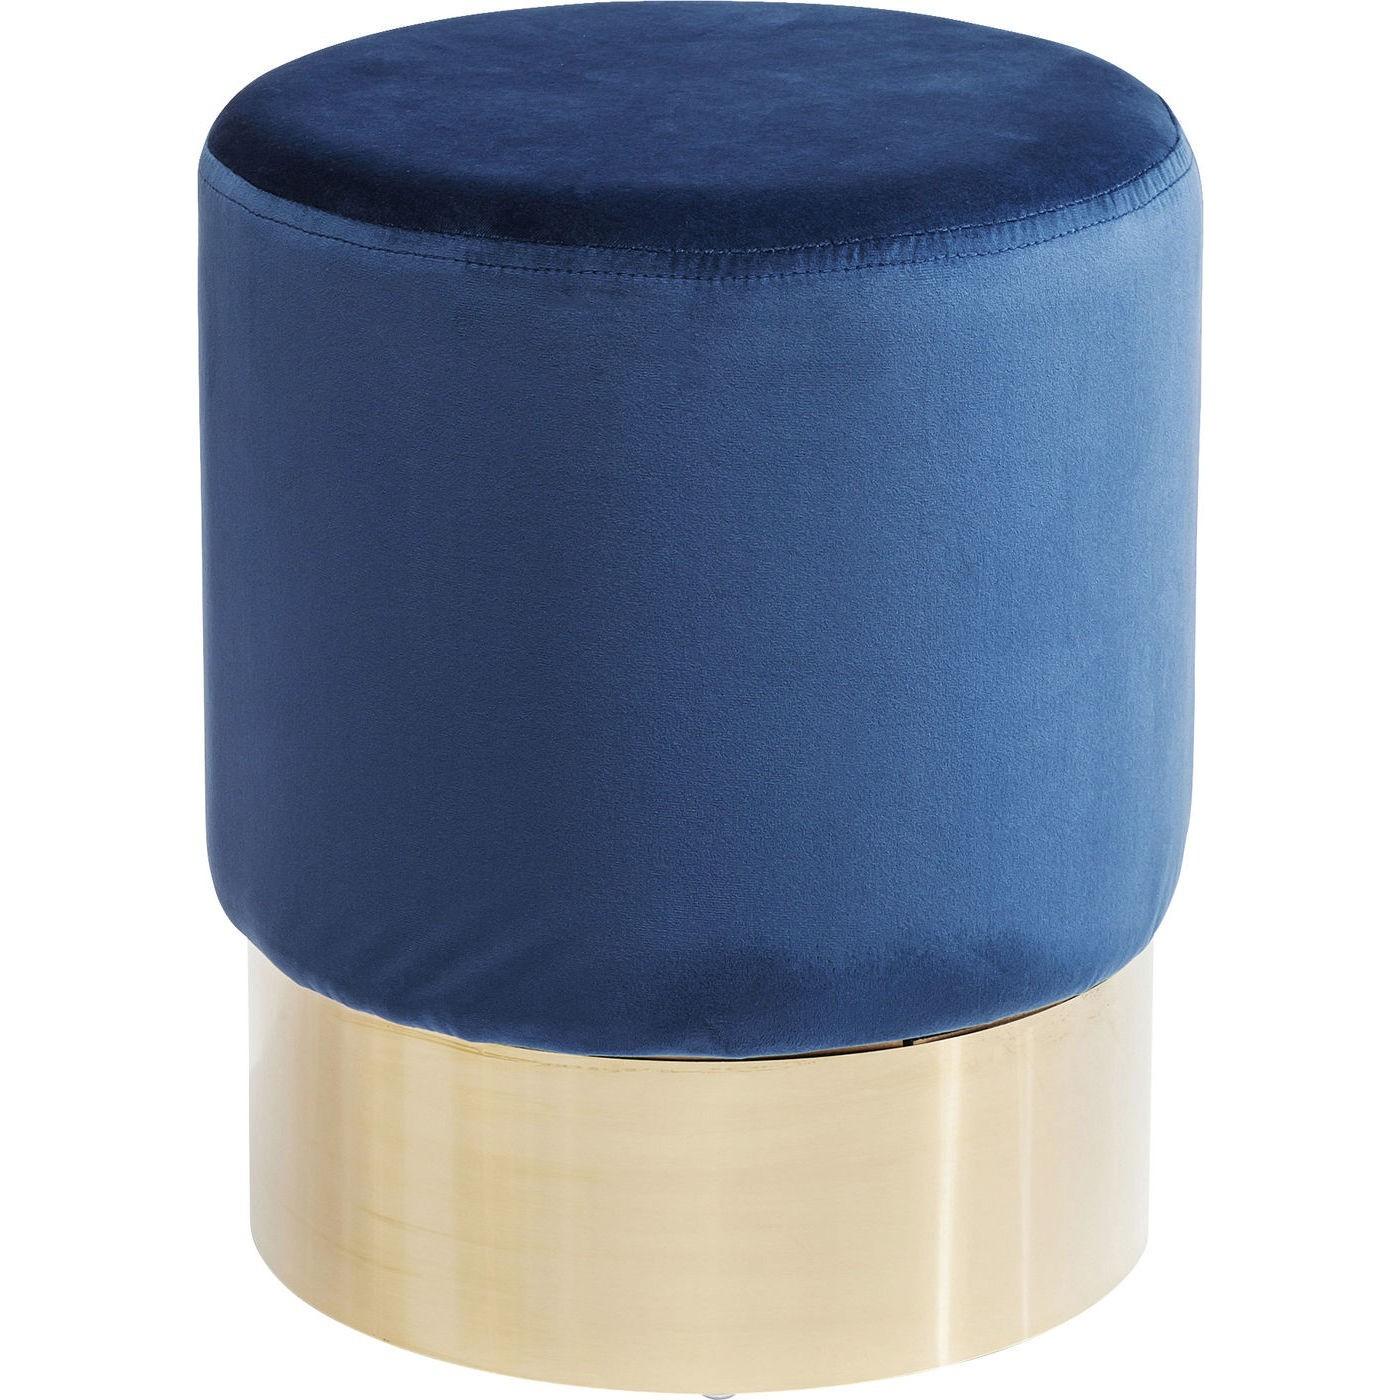 Tabouret en velours bleu pétrole et acier doré D35